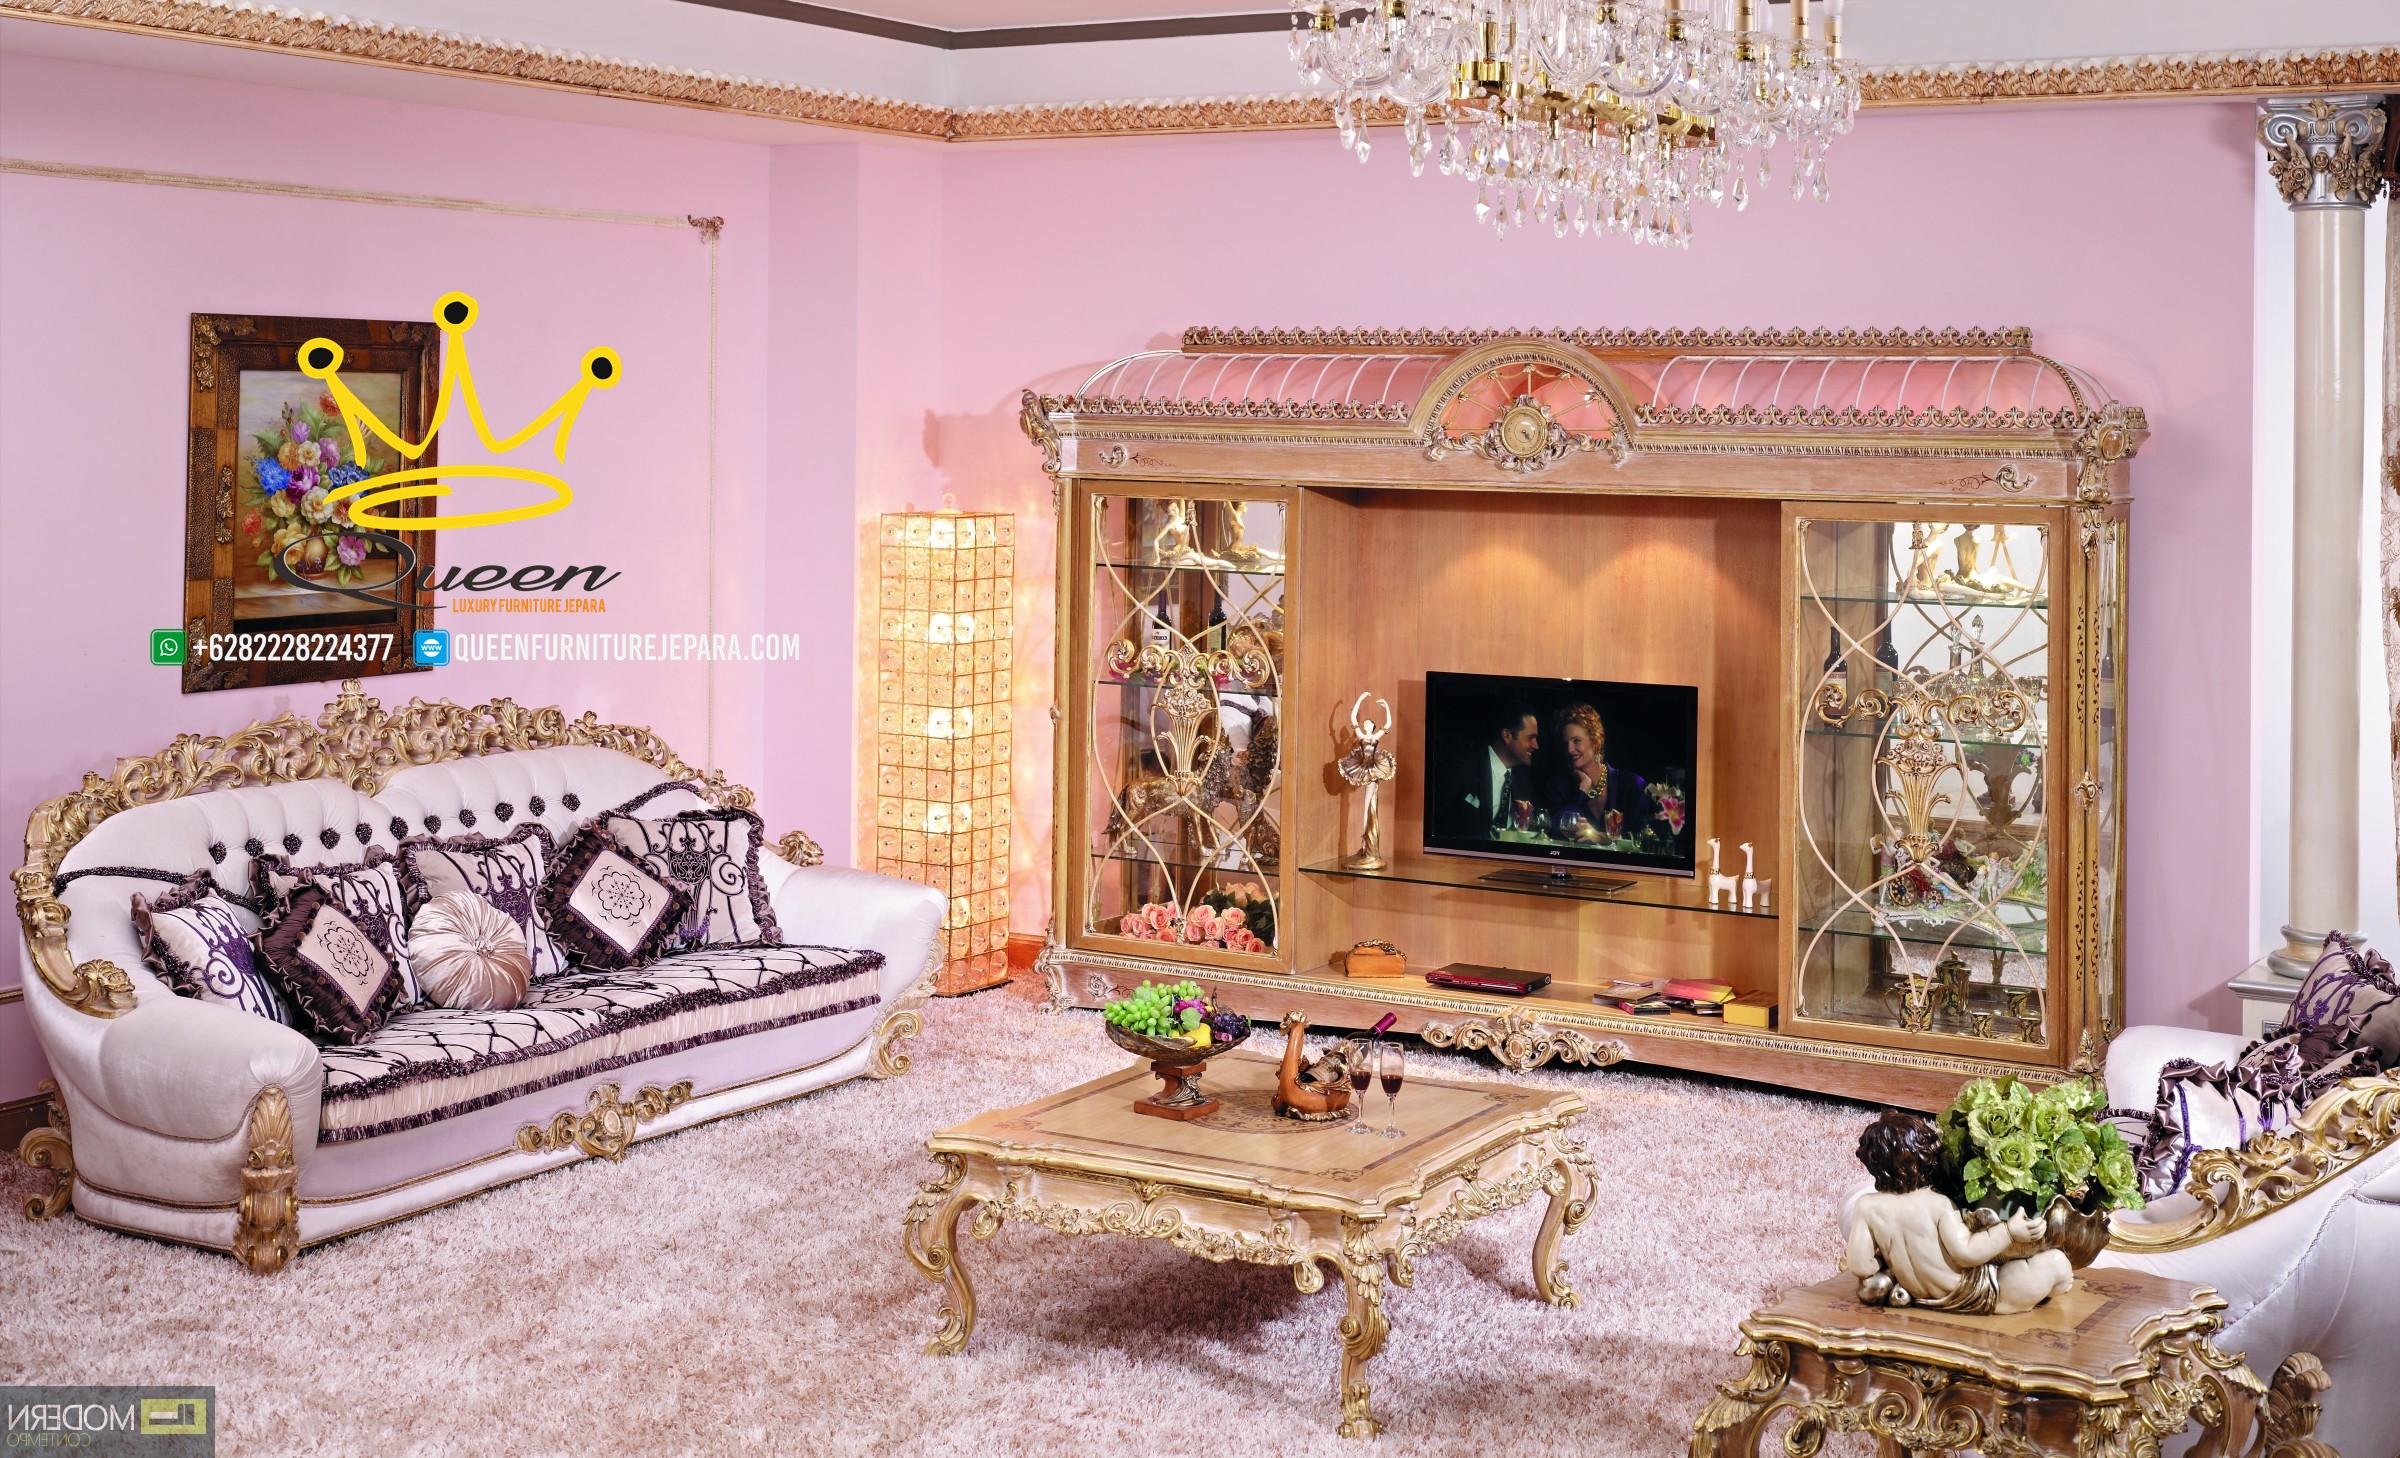 set ruang tamu mewah klasik italian antiq custom design queen furniture jepara